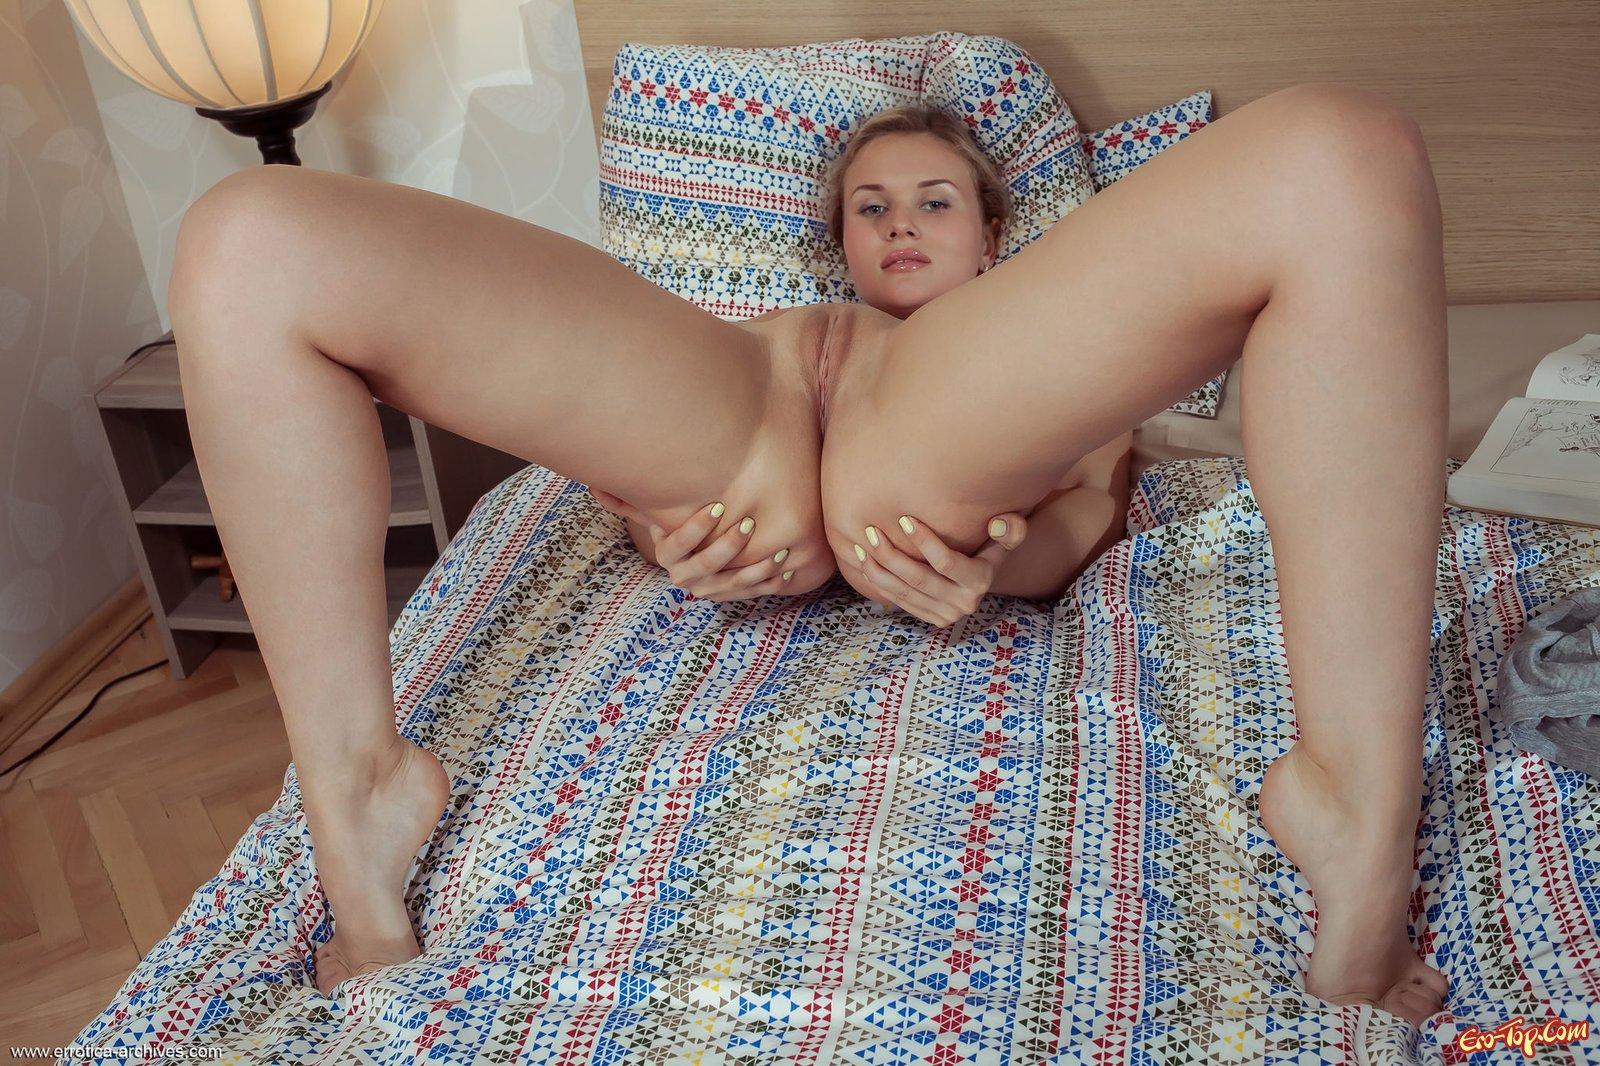 Телка с огромной жопой и бритой писькой на постели